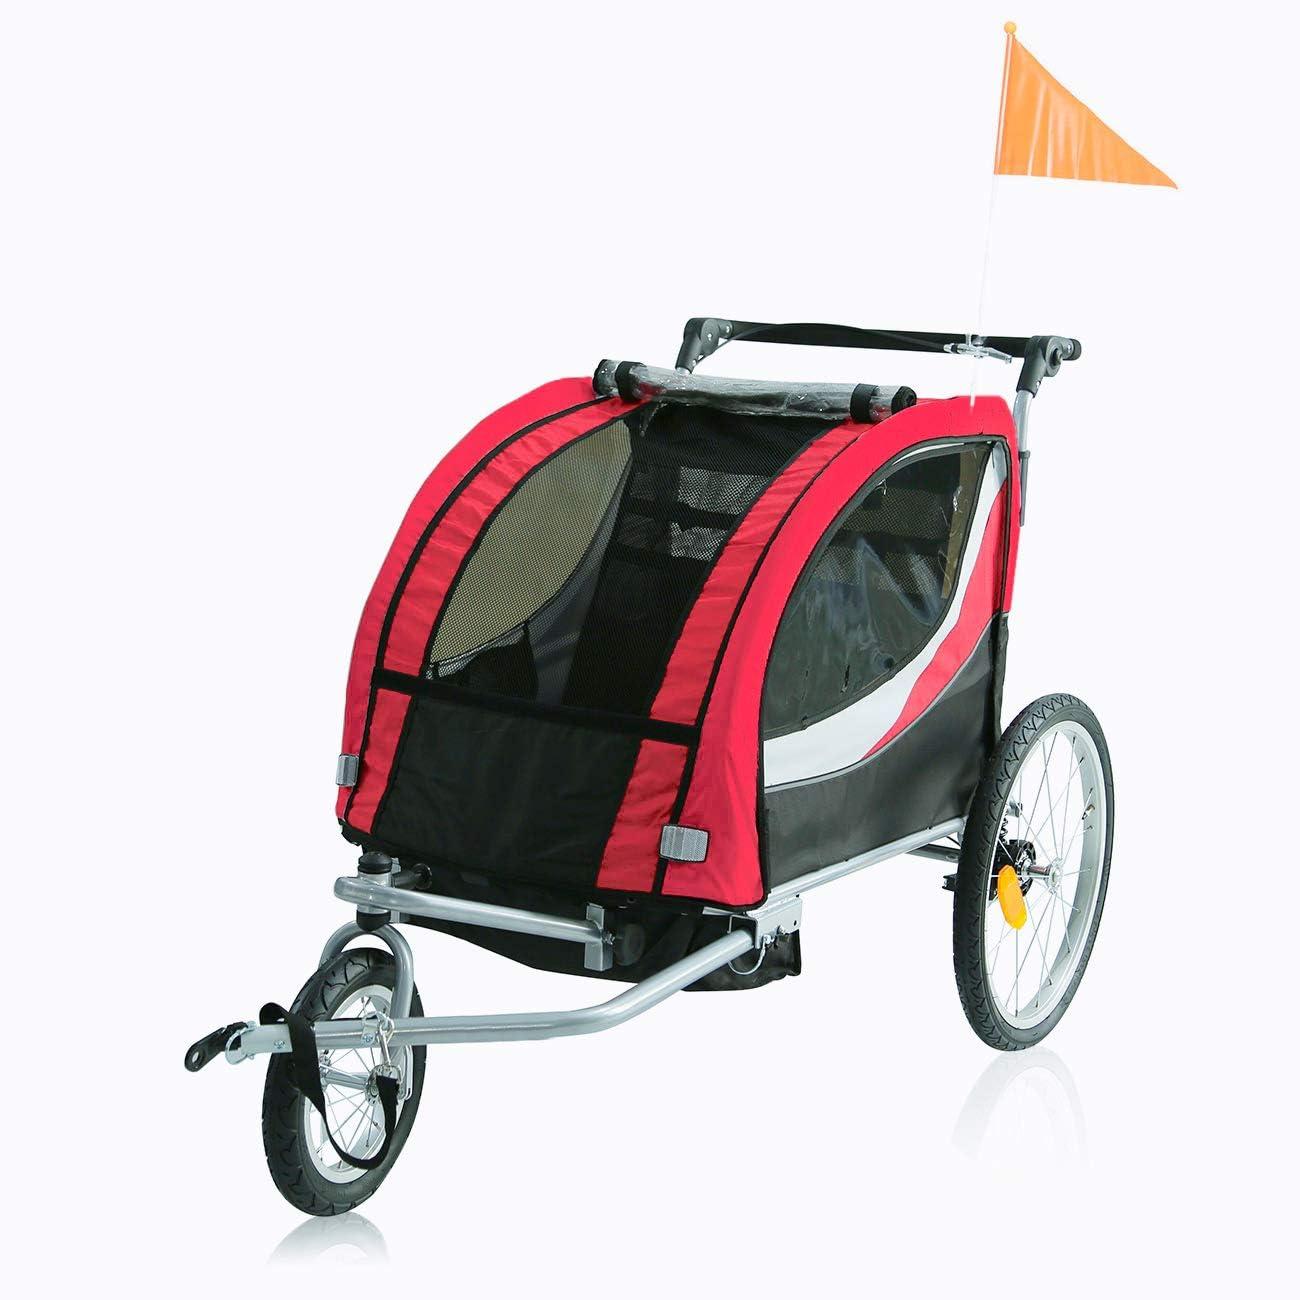 SAMAX PREMIUM Remolque de Bicicleta para Niños 360° girable Kit de Footing Transportín Silla Cochecito Carro Suspensíon Infantil Carro in Rojo/Gris - Silver Frame: Amazon.es: Bebé